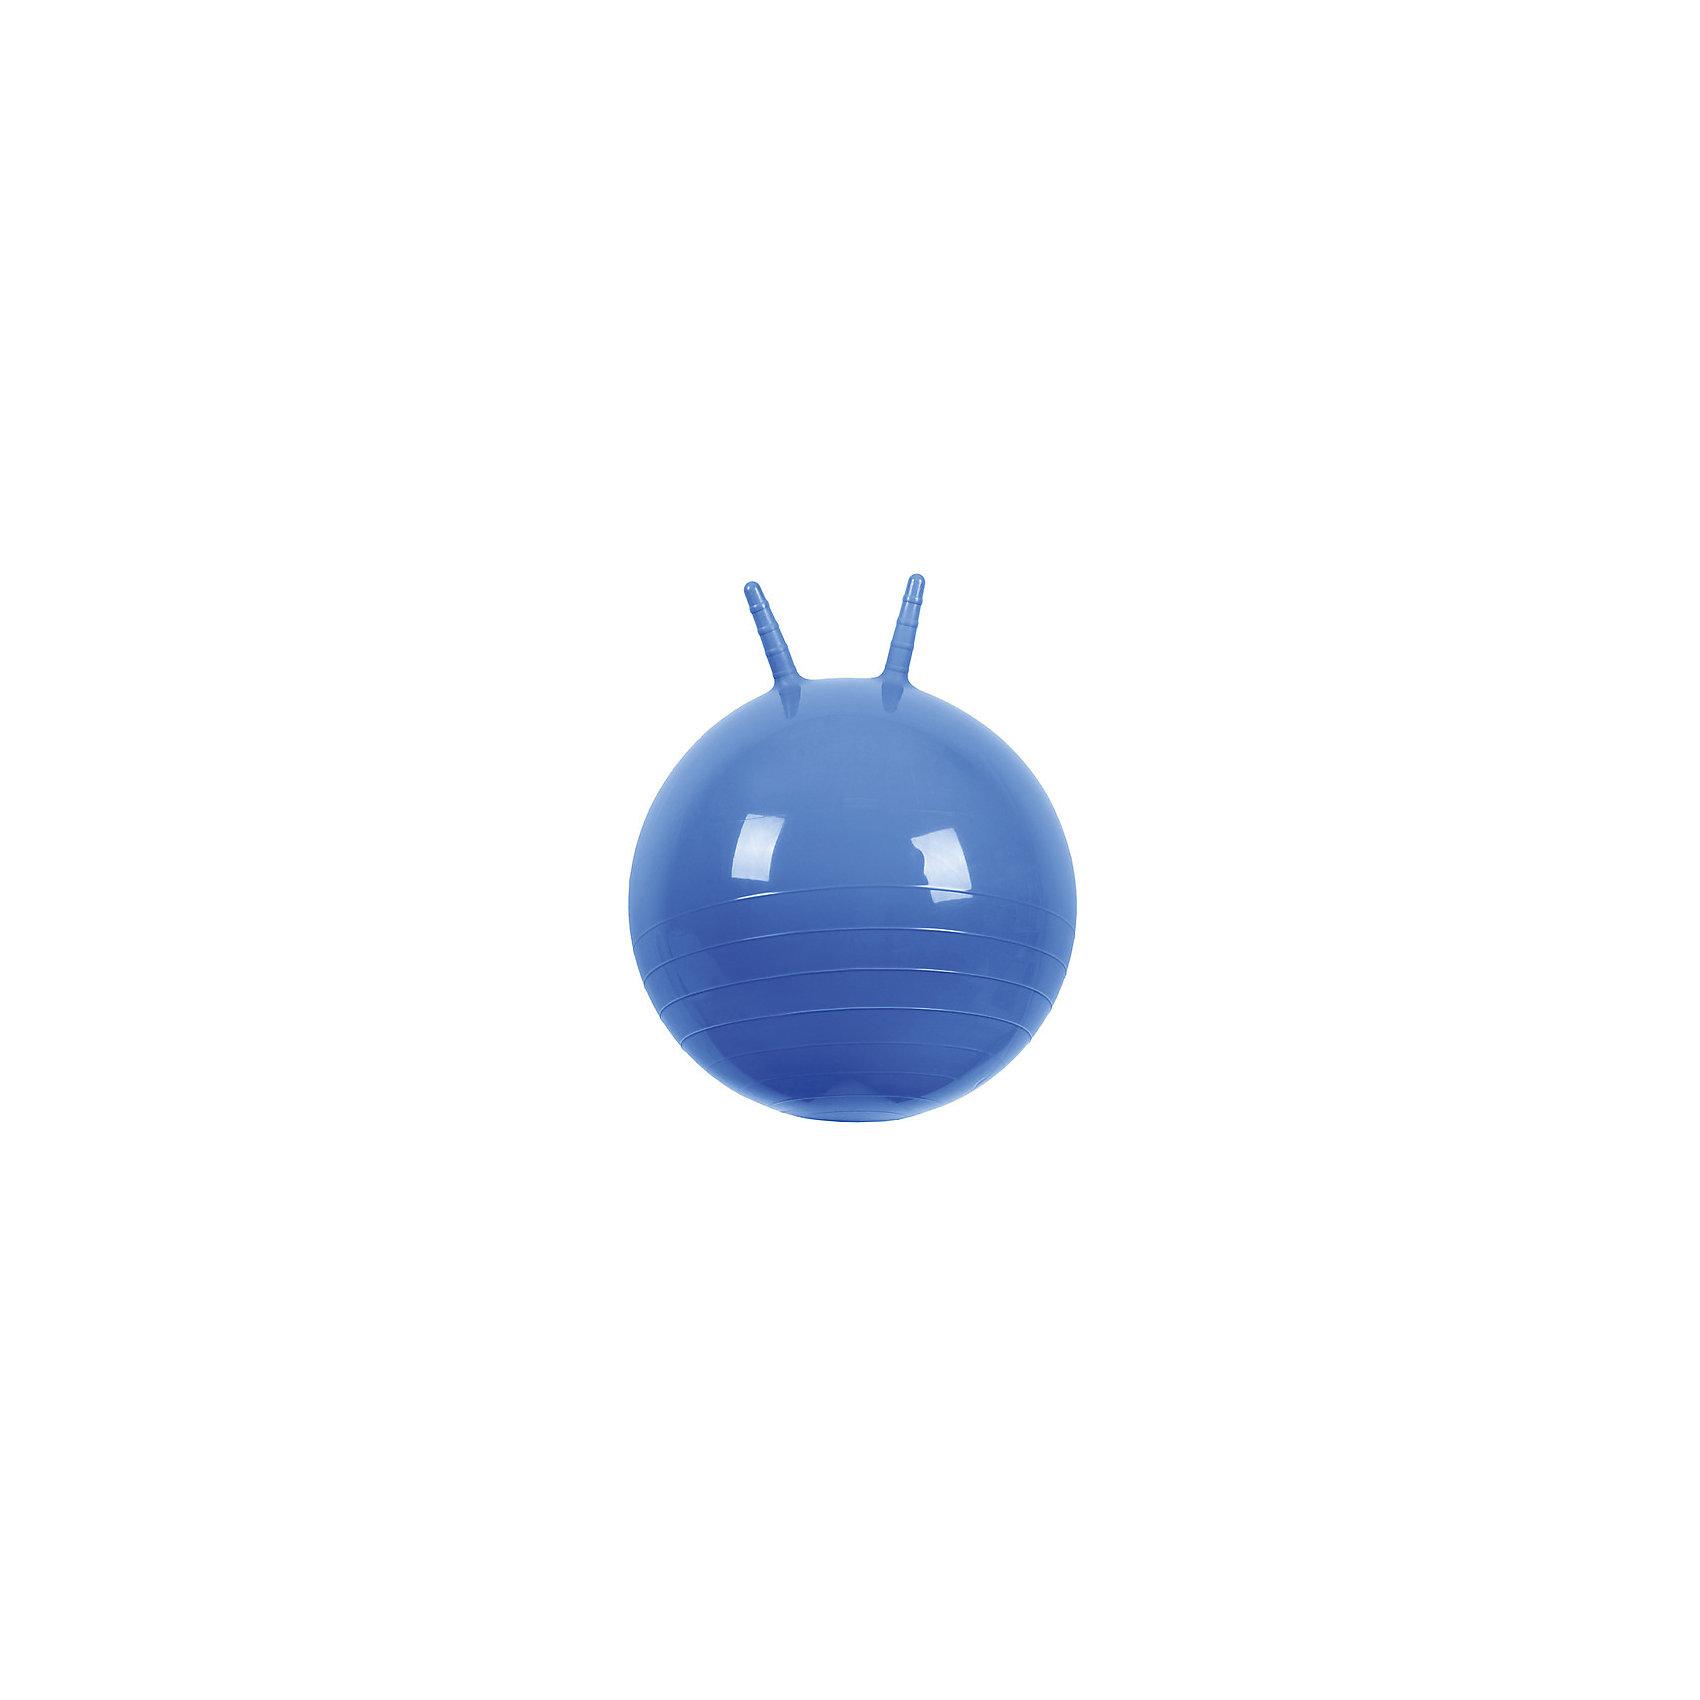 Мяч Прыгун с рожками, 50 см, синий, МалышОКПрыгуны и джамперы<br><br><br>Ширина мм: 122<br>Глубина мм: 153<br>Высота мм: 254<br>Вес г: 700<br>Возраст от месяцев: 48<br>Возраст до месяцев: 2147483647<br>Пол: Унисекс<br>Возраст: Детский<br>SKU: 6767719